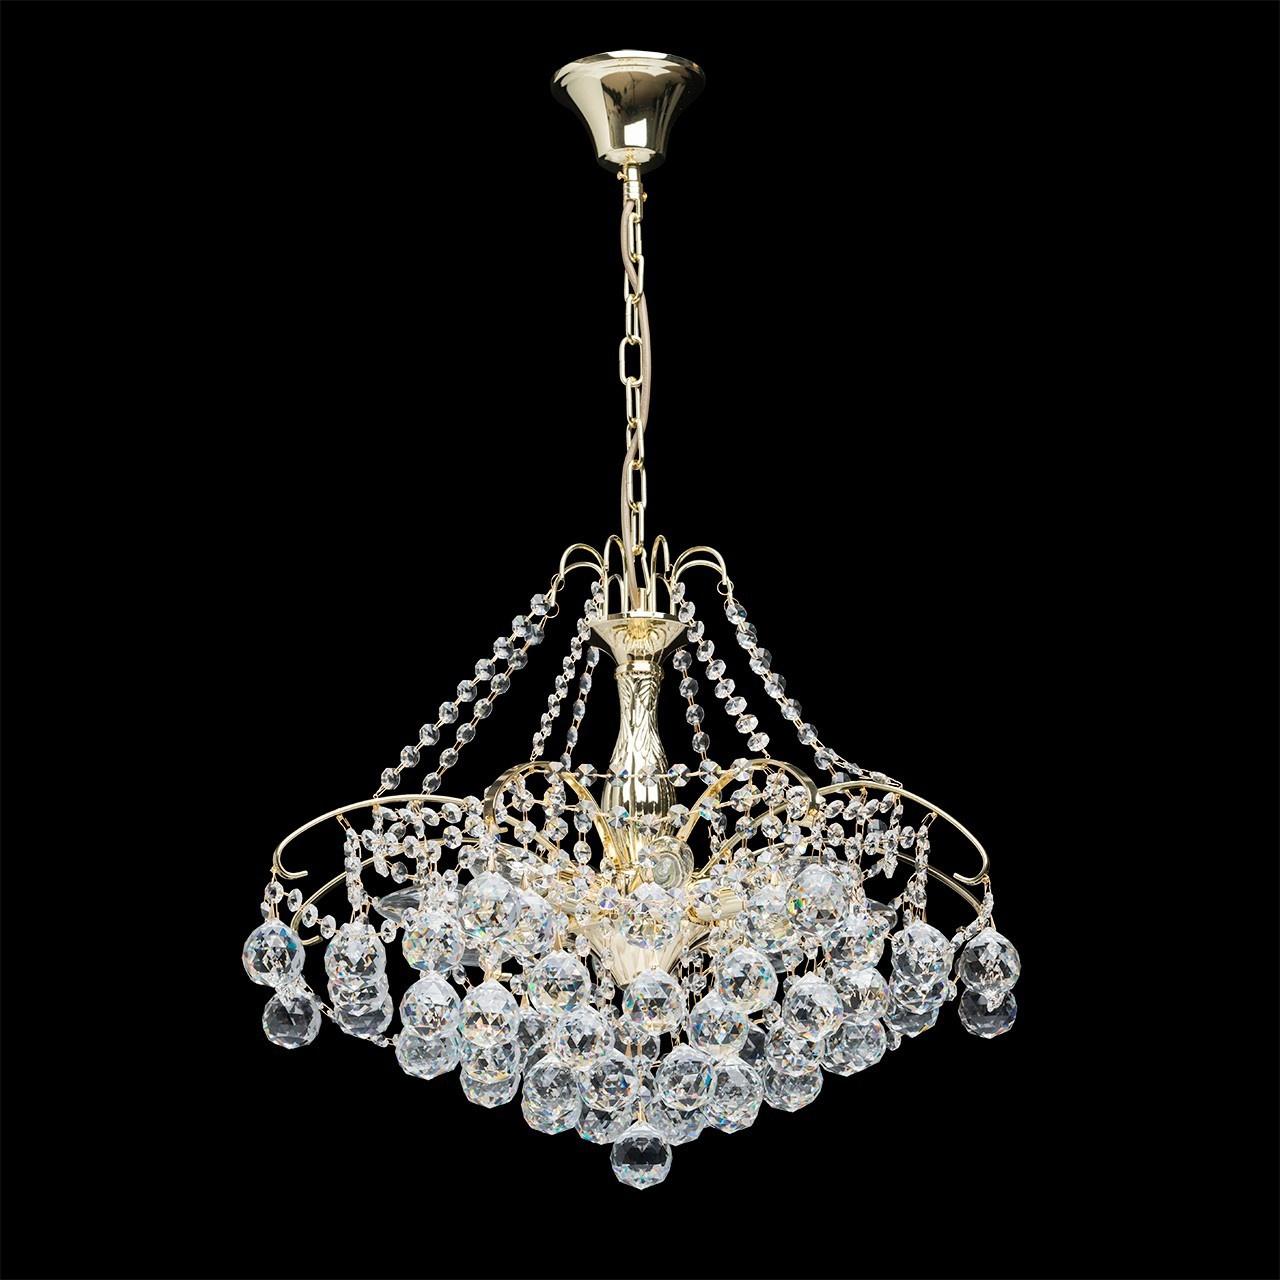 Люстра Mw lightЛюстры<br>Назначение светильника: для спальни, Стиль светильника: классика, Тип: потолочная, Материал светильника: металл, хрусталь, Материал плафона: хрусталь, Материал арматуры: металл, Длина (мм): 560, Ширина: 560, Высота: 840, Количество ламп: 8, Тип лампы: накаливания, Мощность: 60, Патрон: Е14, Цвет арматуры: золото, Родина бренда: Германия, Коллекция: Жемчуг<br>